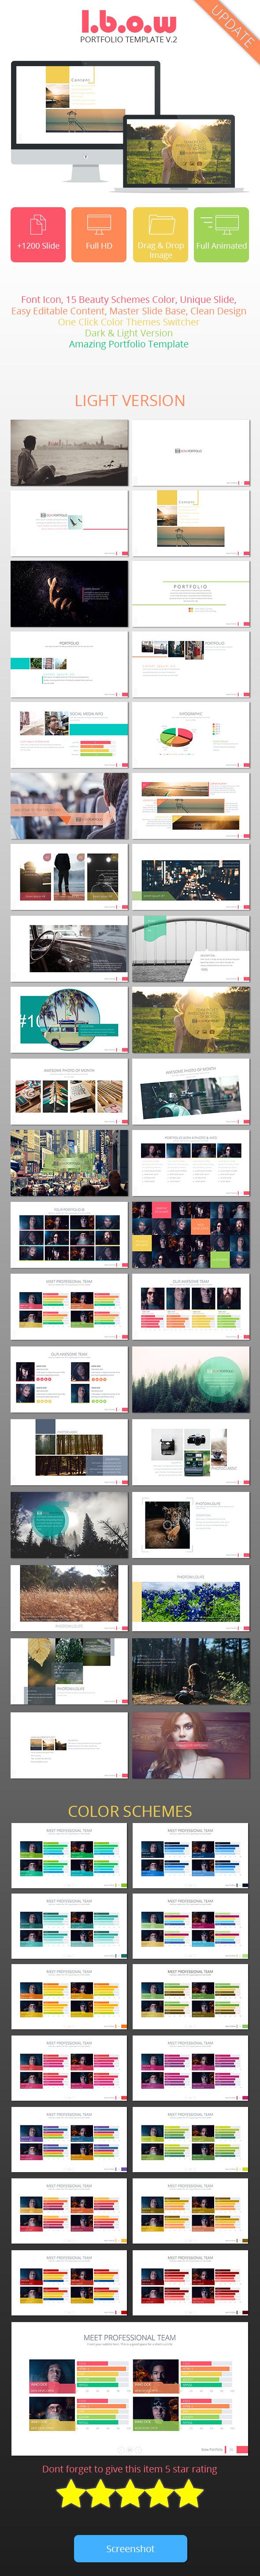 Ibow Portfolio | Multipurpose Presentation